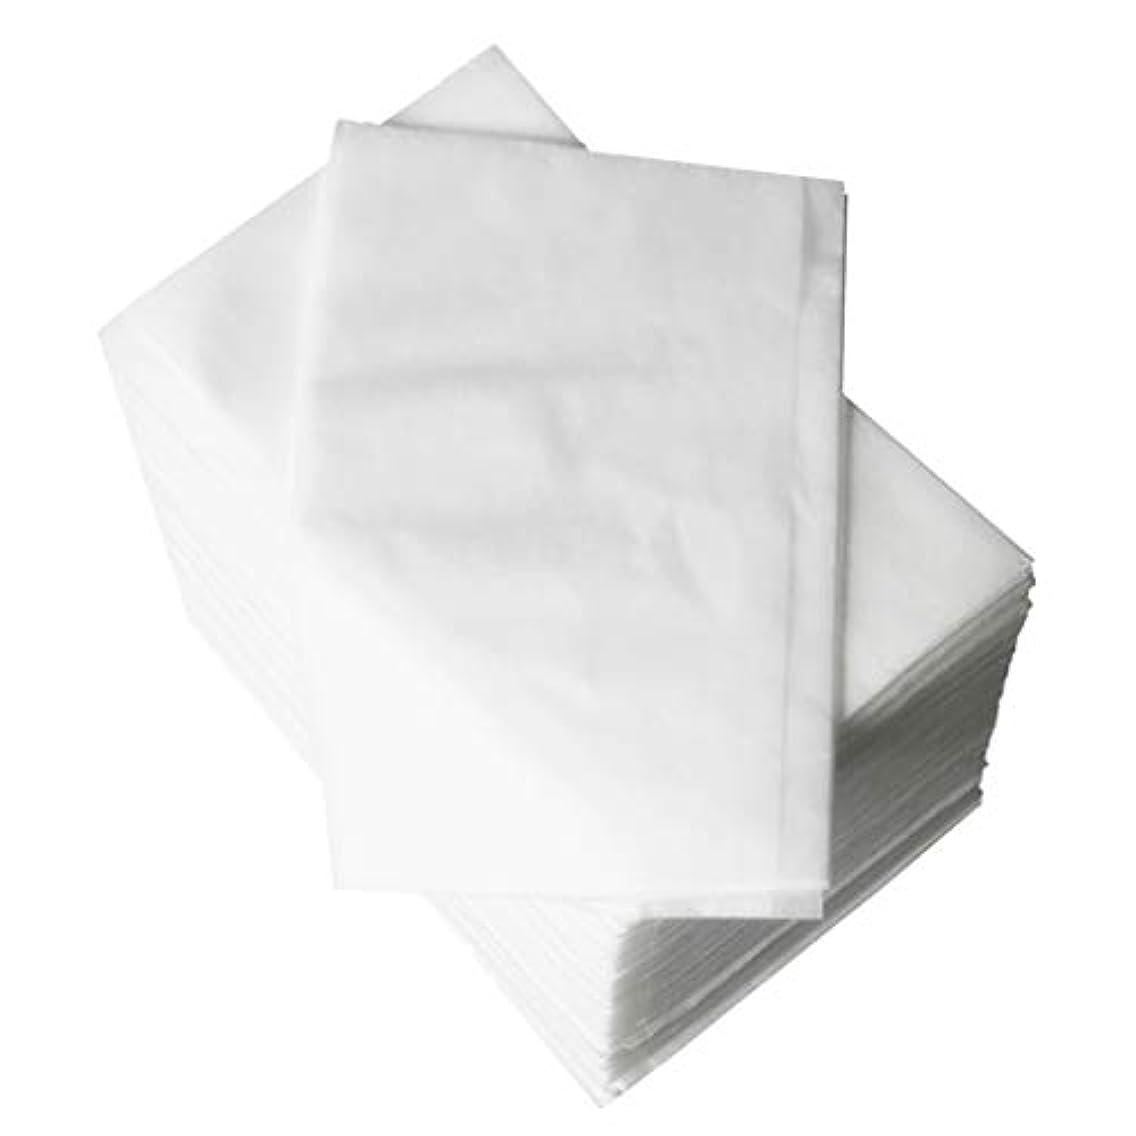 命令的パシフィック不規則性スパベッドカバー 使い捨て 耐久性 使い捨てベッドシーツ ブルー ホワイト - 白